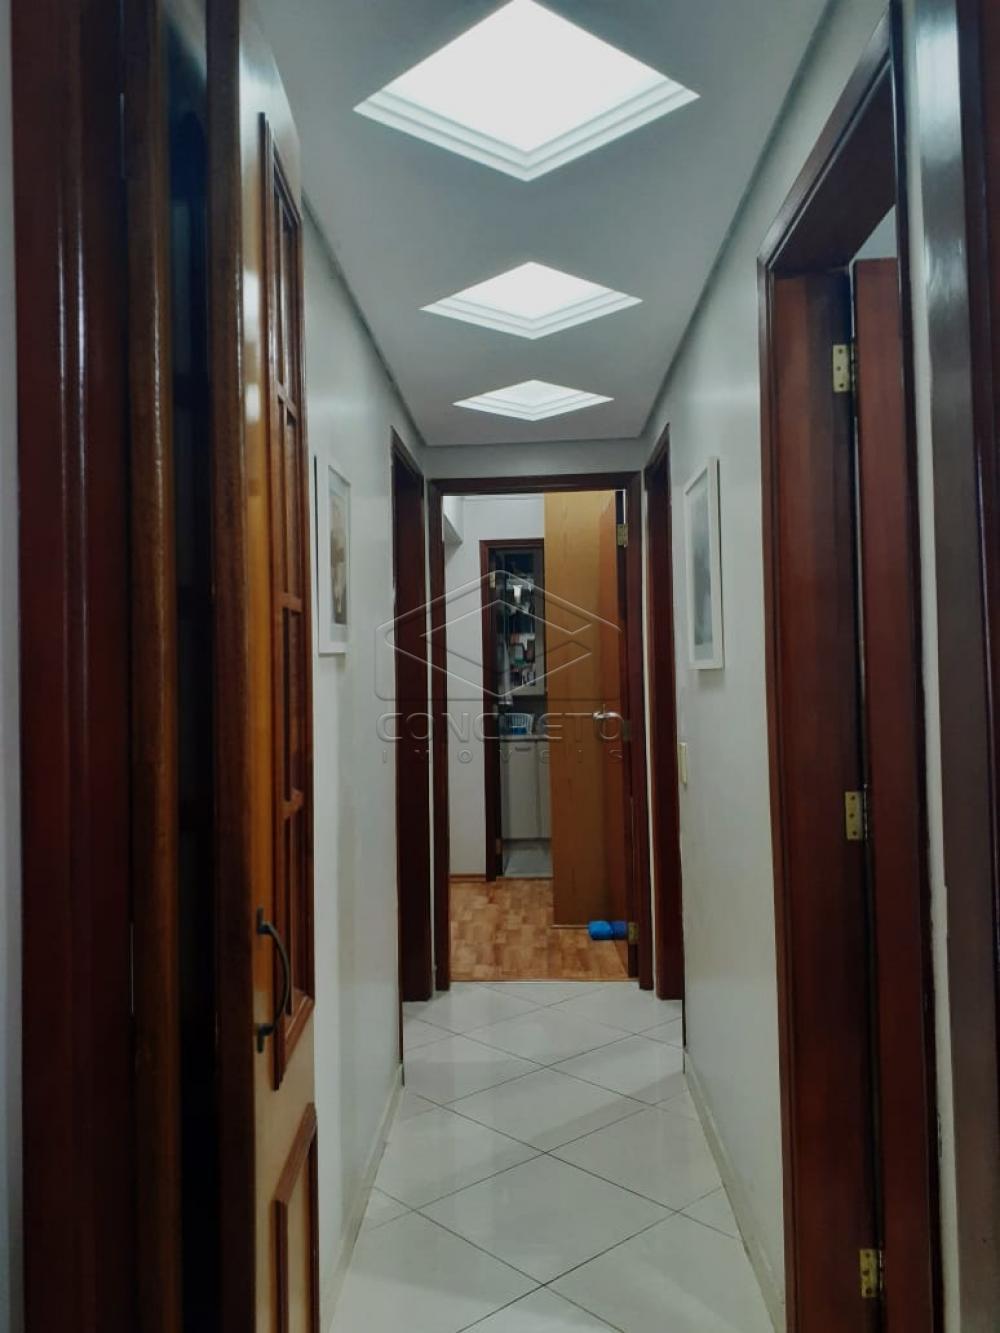 Comprar Apartamento / Padrão em Bauru apenas R$ 450.000,00 - Foto 8